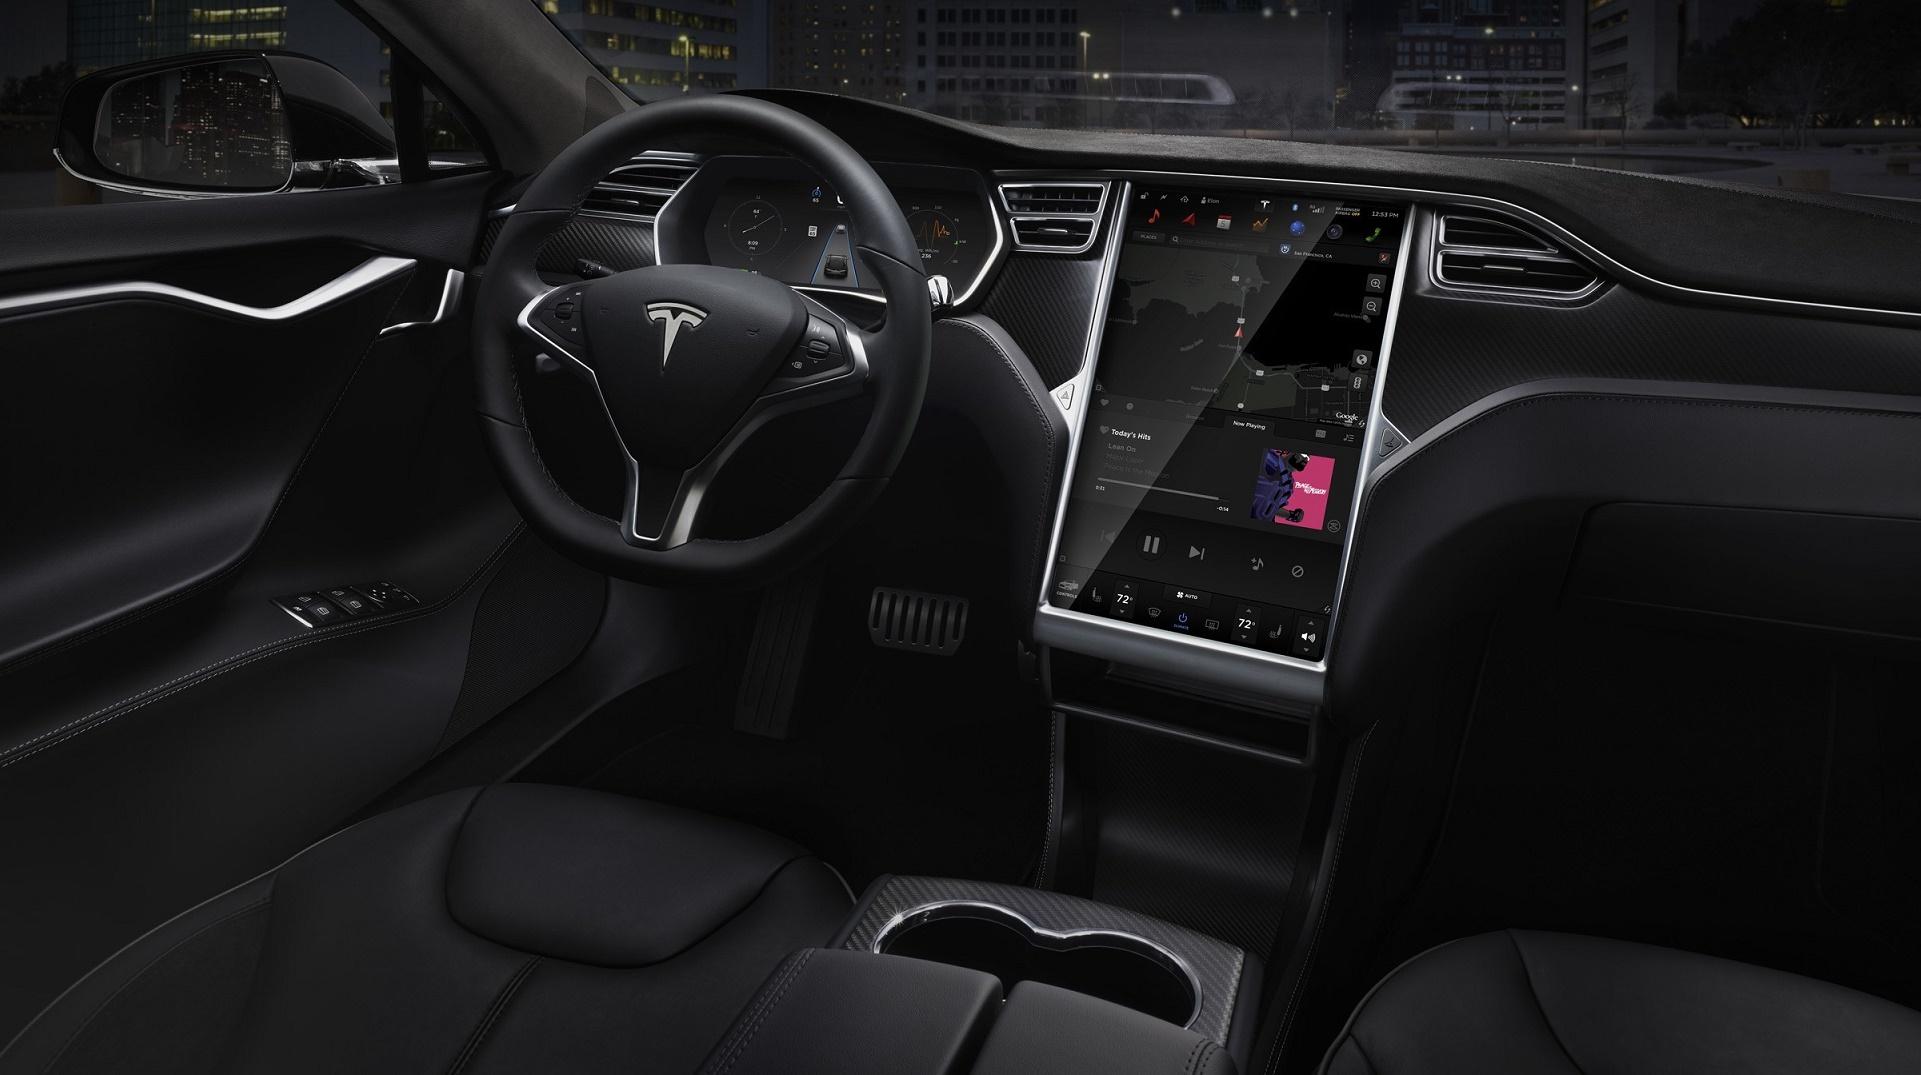 Tesla toma la delantera: busca el nivel  5 de autonomía en 2020